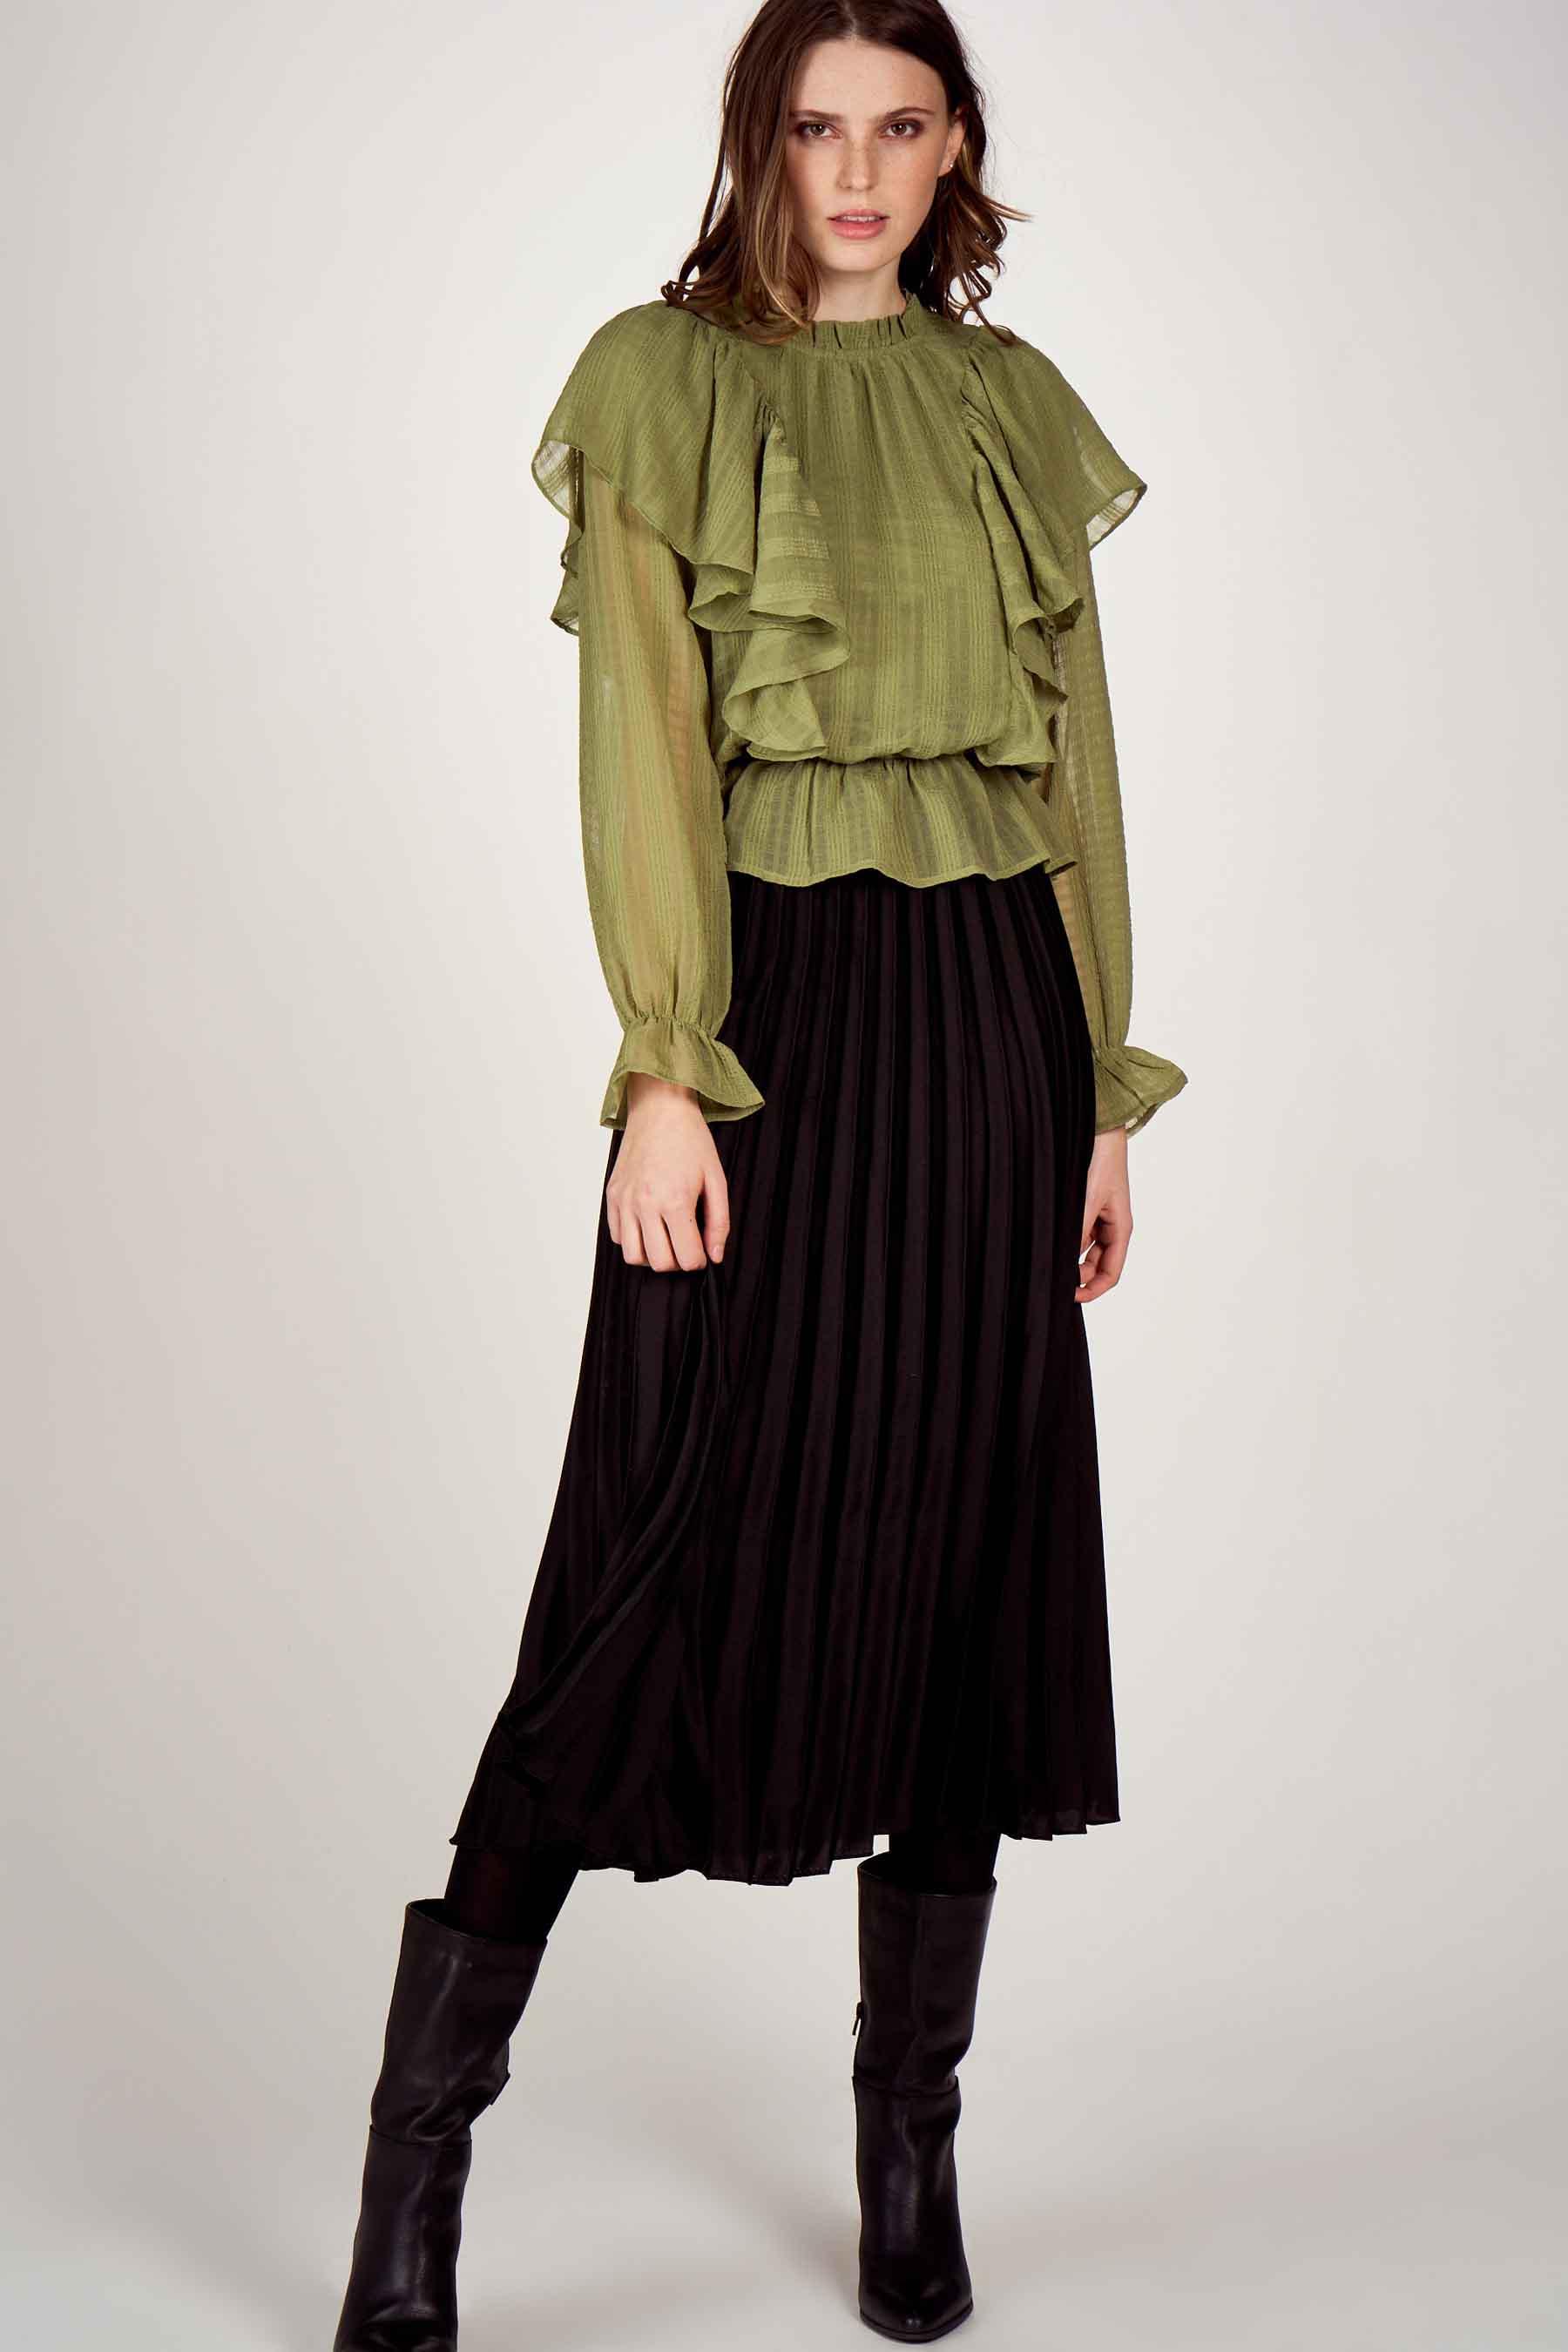 Vero Moda® Blouse lange mouwen, Groen, Dames, Maat: S/XS